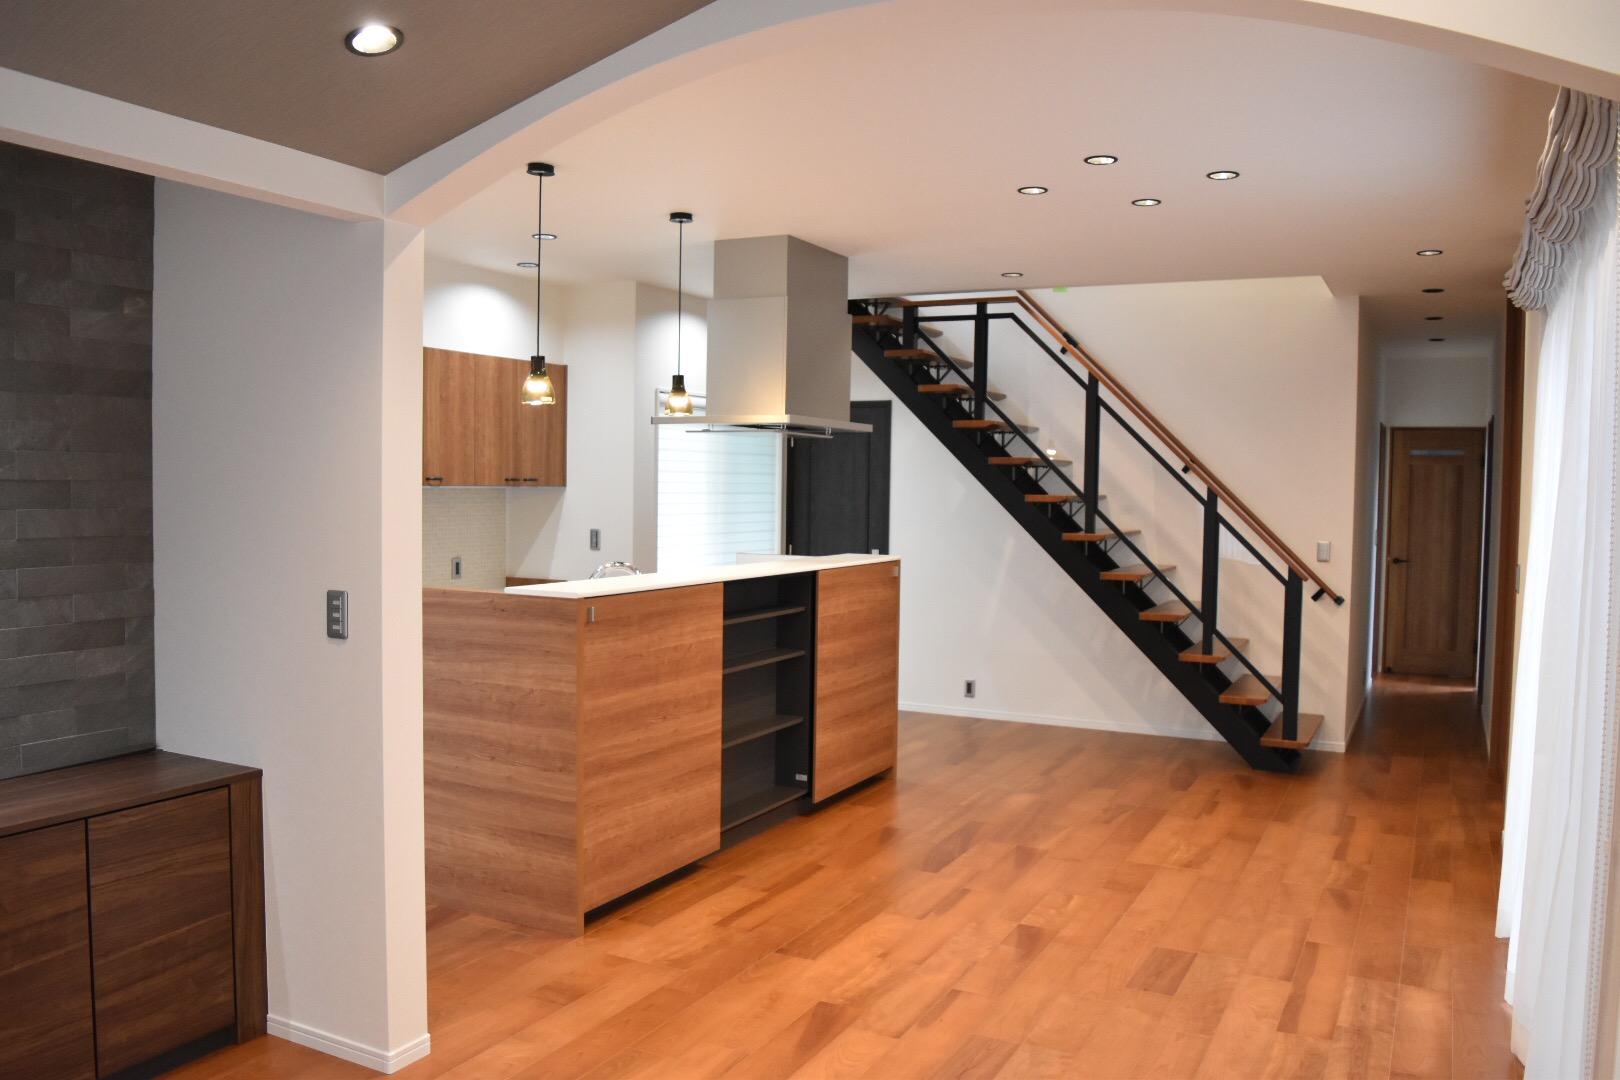 LDKを見渡せるアイランドキッチンと存在感のあるオープン階段。